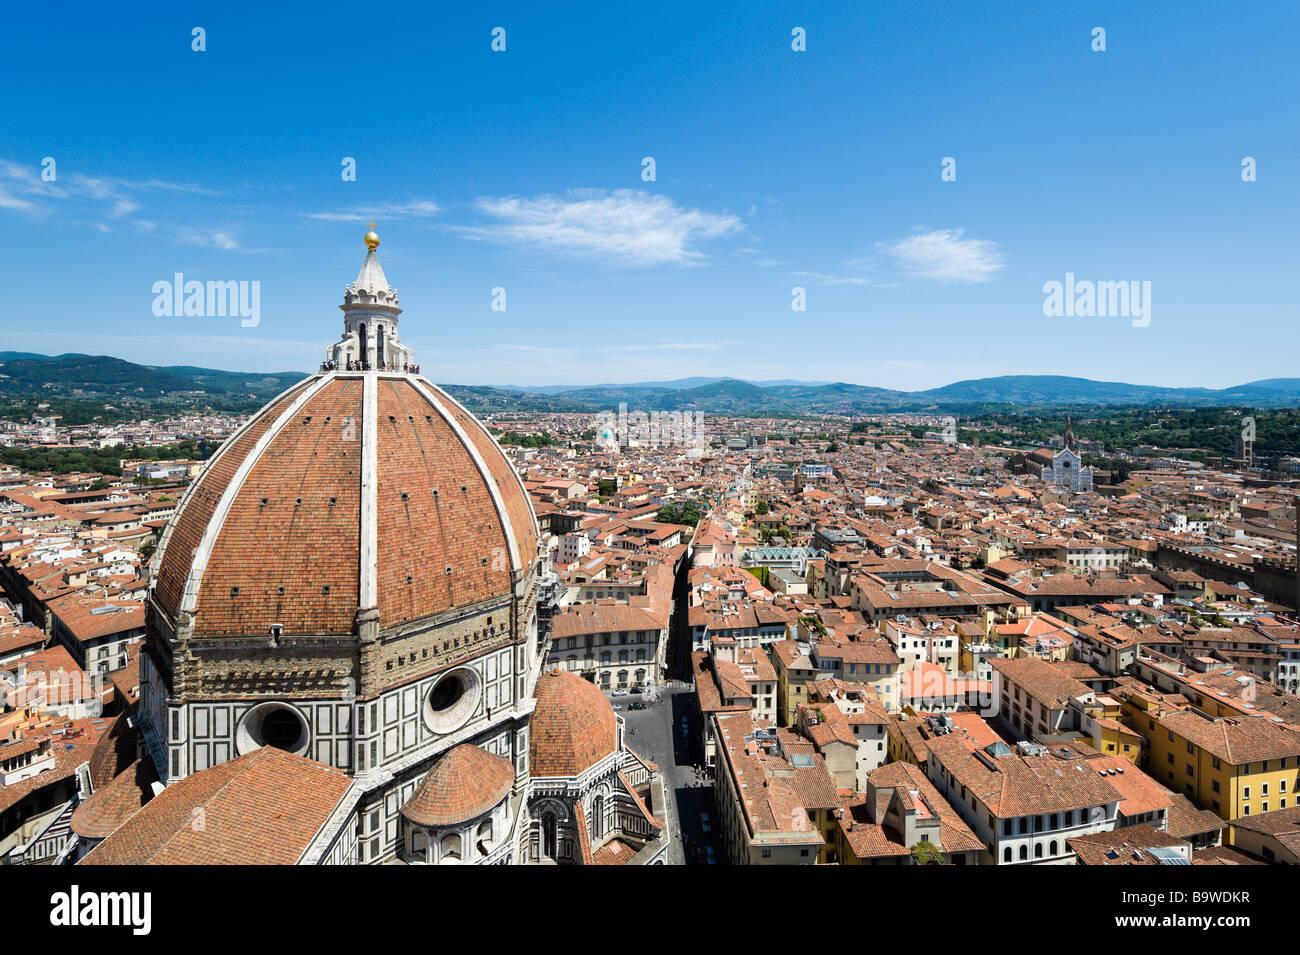 Vista de la cúpula de la Basílica di Santa Maria del Fiore (el Duomo) desde el Campanile, Florencia, Toscana, Imagen De Stock